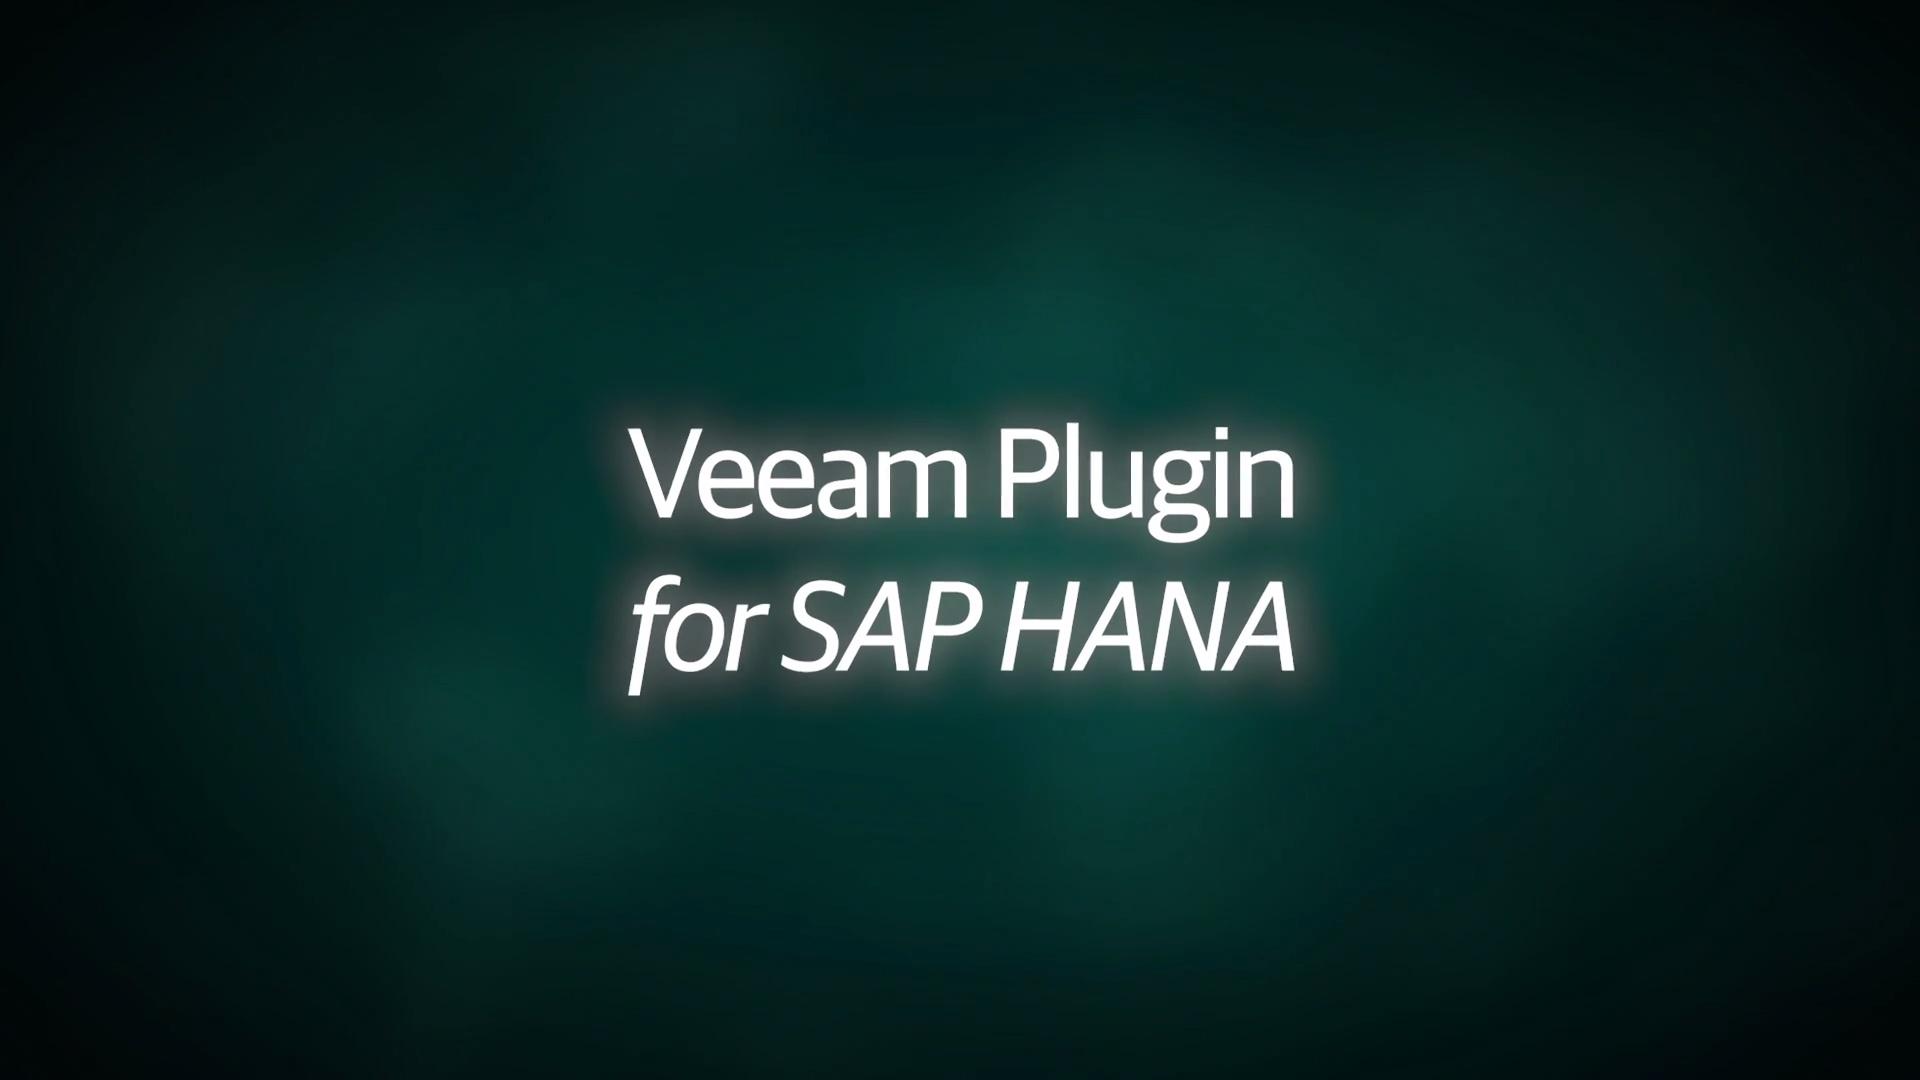 Product Launch: VAS 9.5 Update 4 - Demo Video - Veeam Plugin for SAP HANA - EN